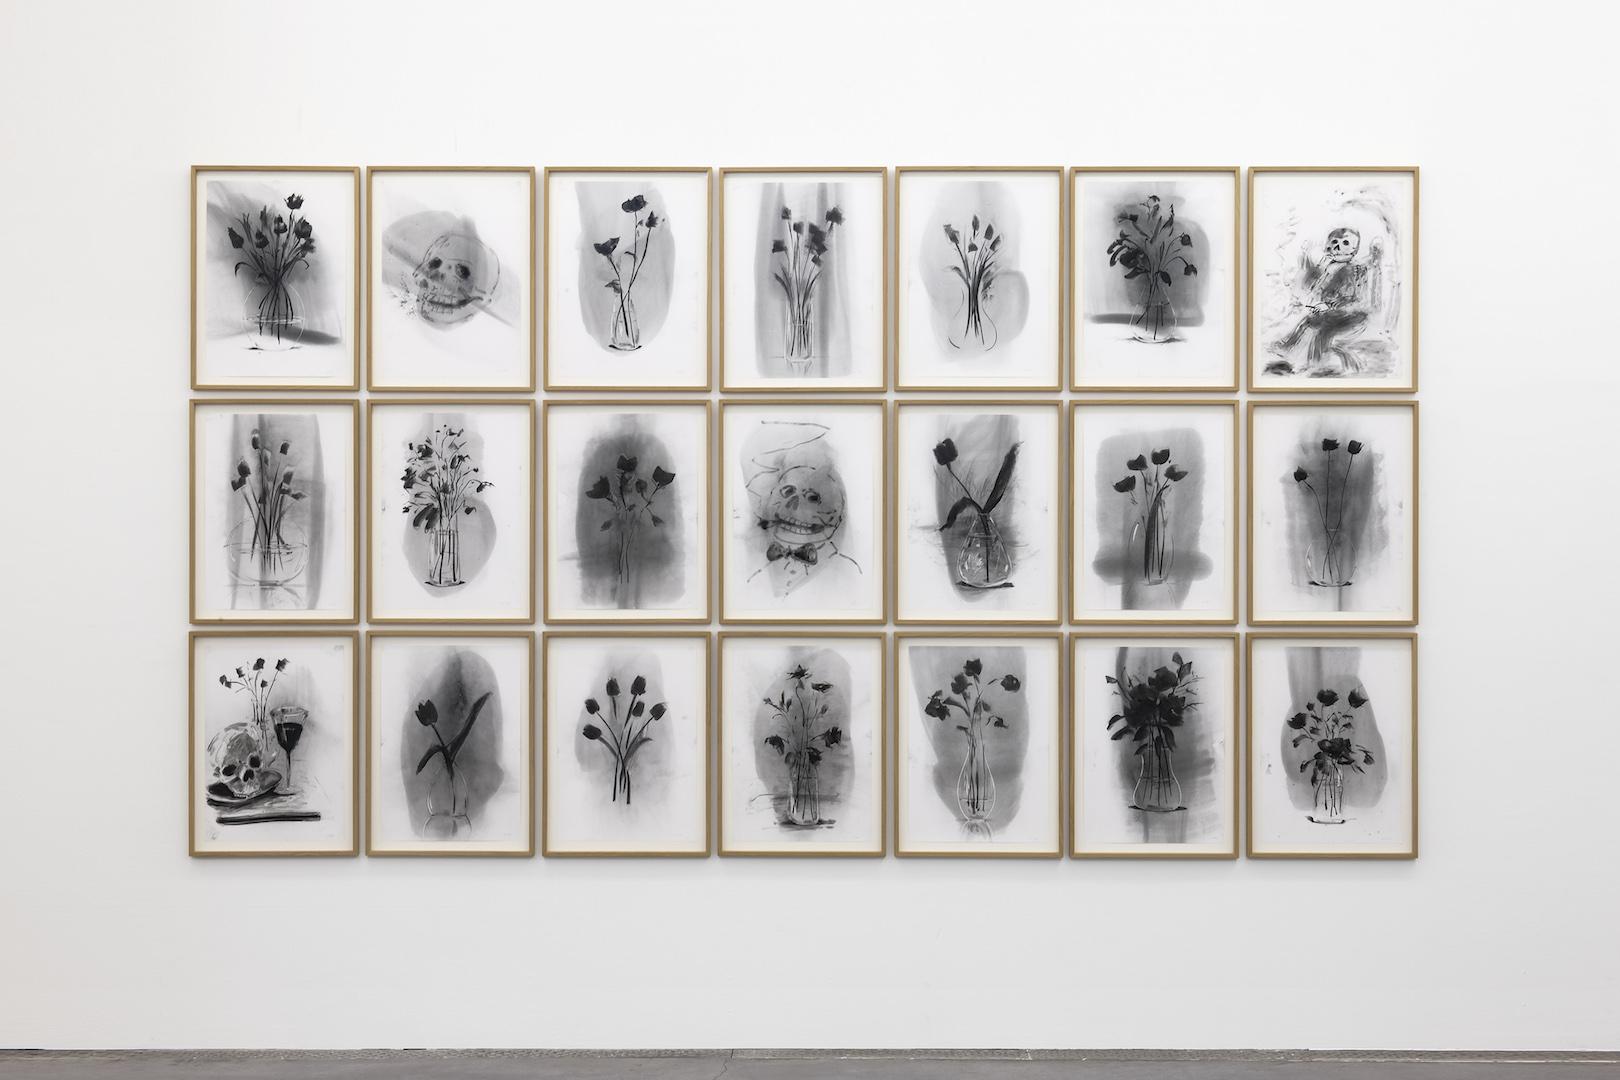 Gregory Forstner 'Des fleurs pour les audacieux' 2021 at FRAC, Montpellier Installation View